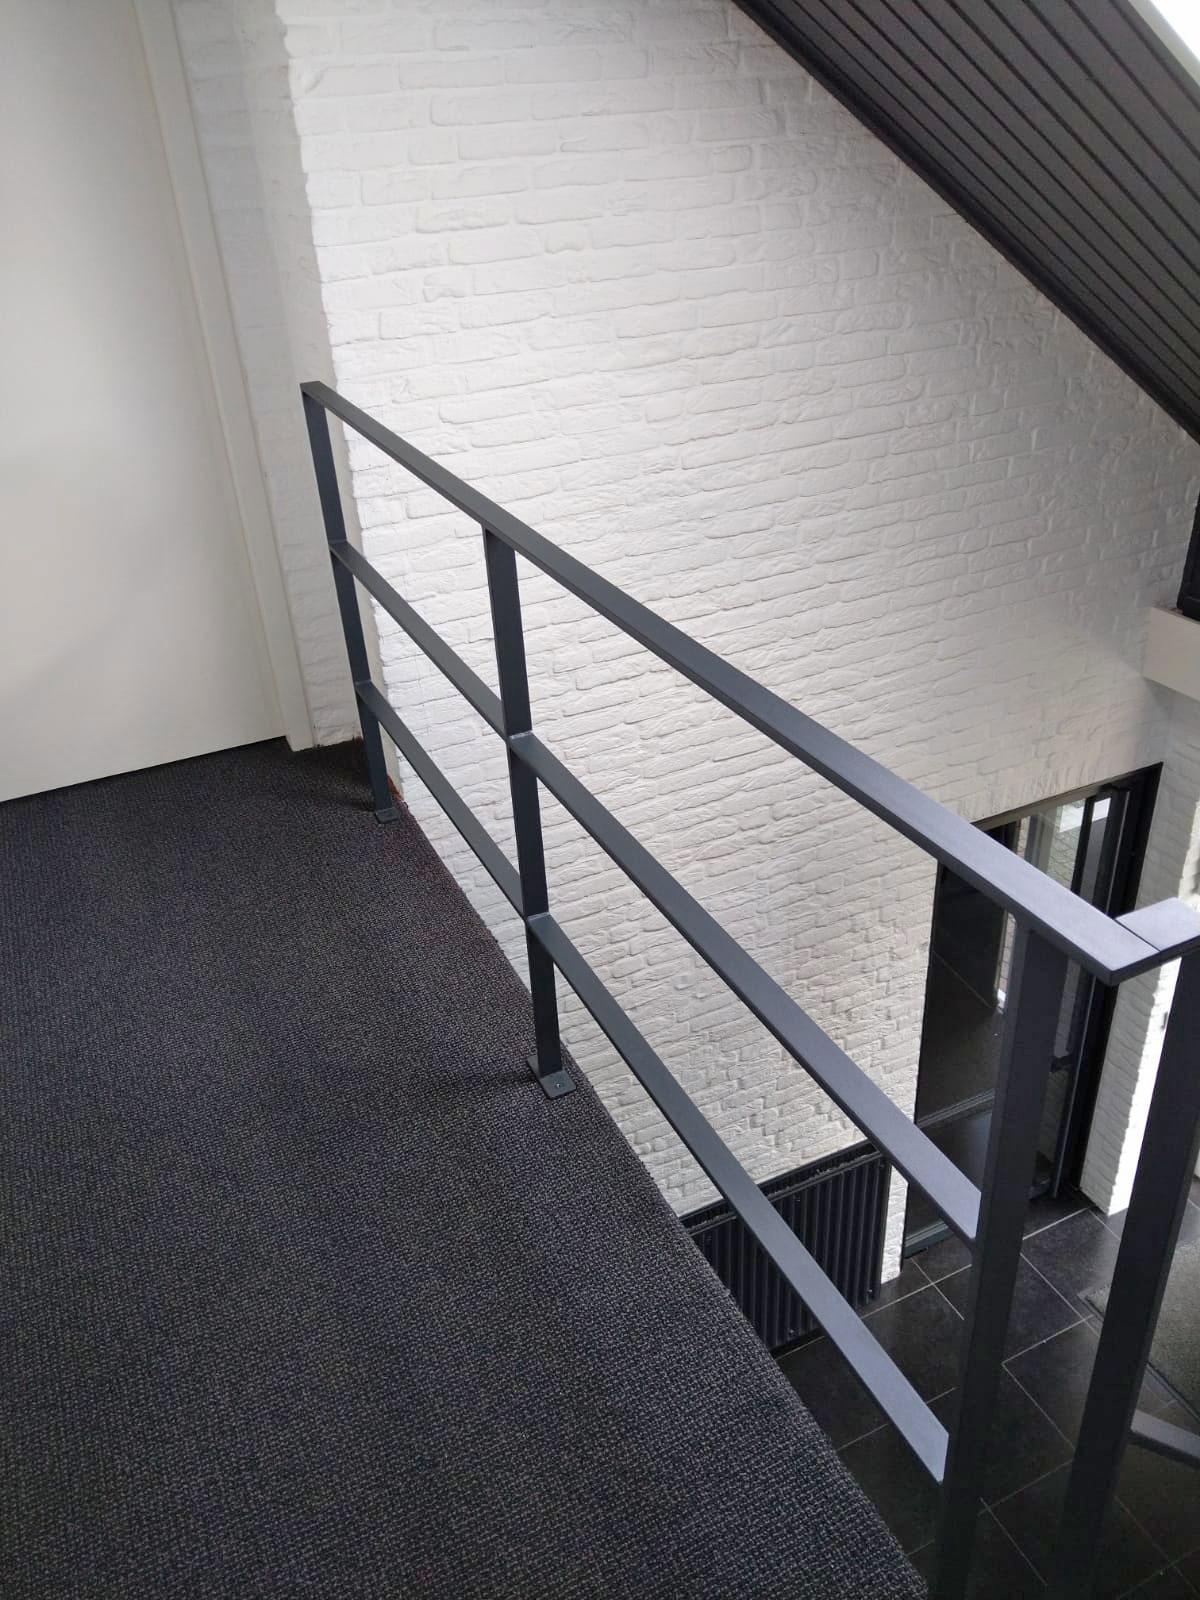 ba75a balustrade